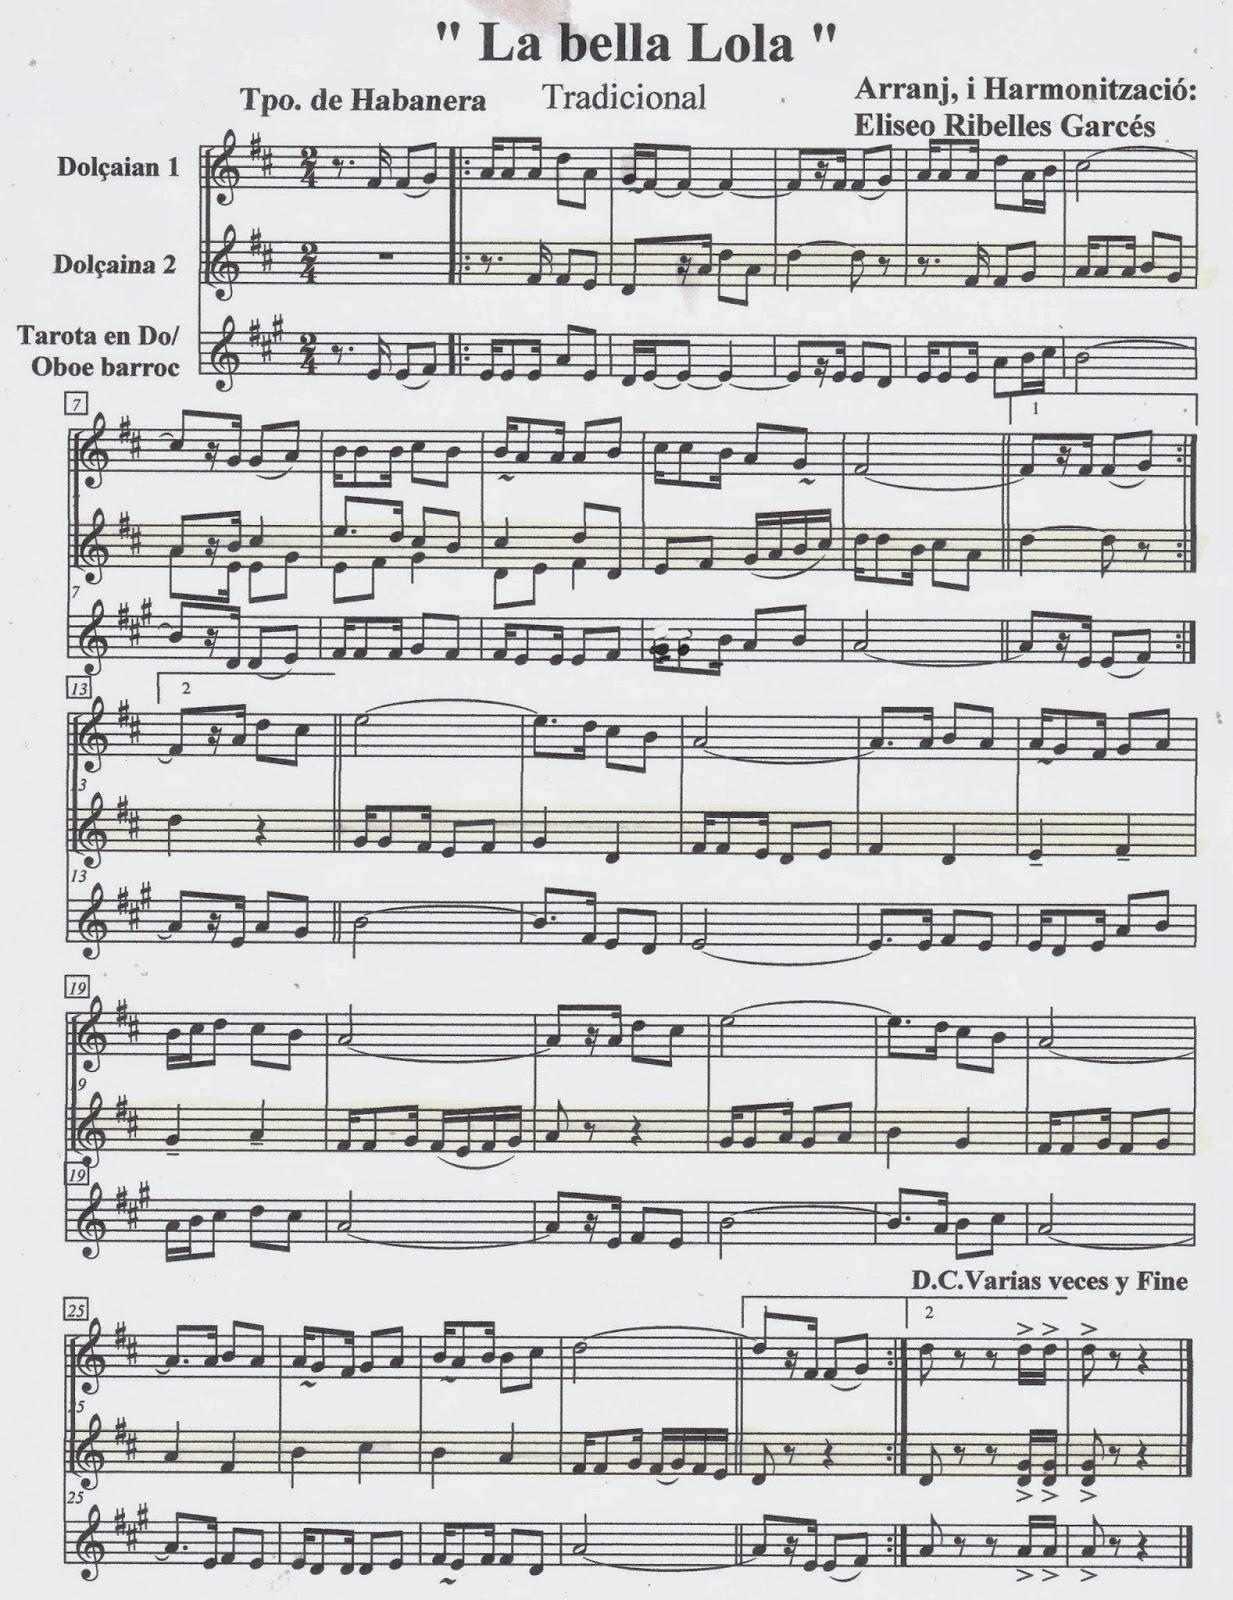 Música Y Tradiciones De Guillermo Camarelles Diana Diciembre 2013